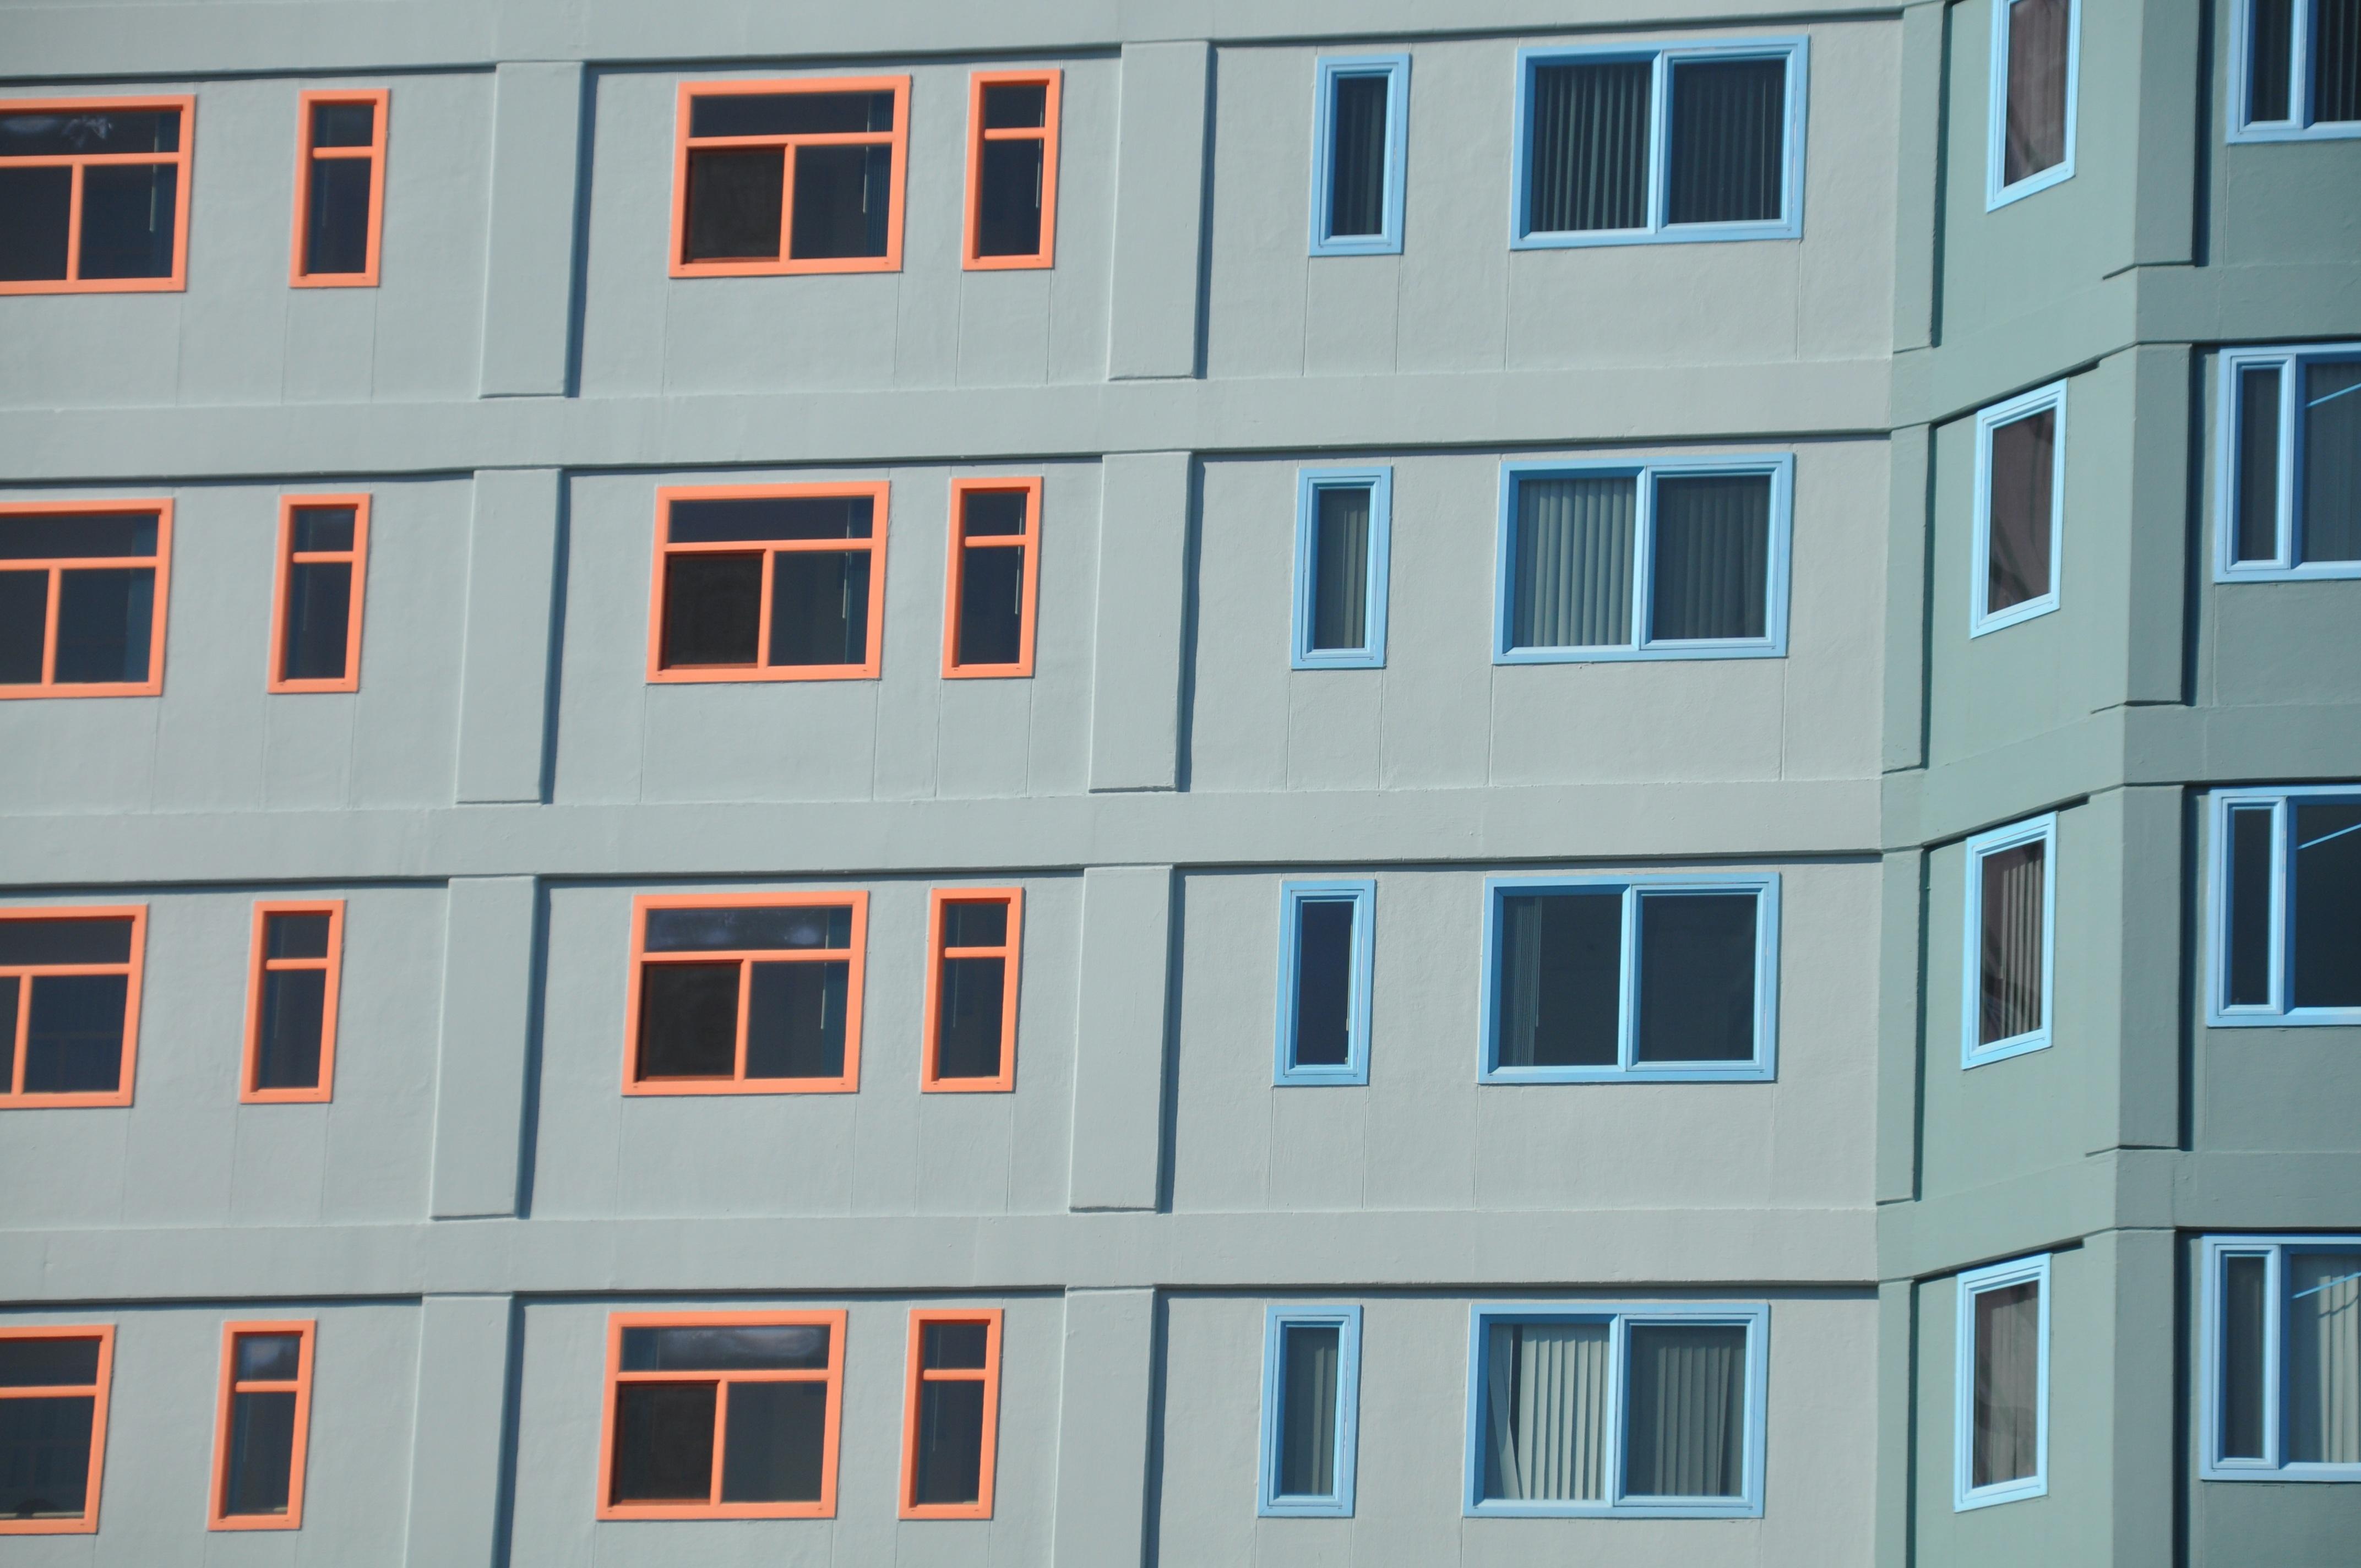 images gratuites architecture maison nombre vue b timent mur ligne rouge couleur. Black Bedroom Furniture Sets. Home Design Ideas